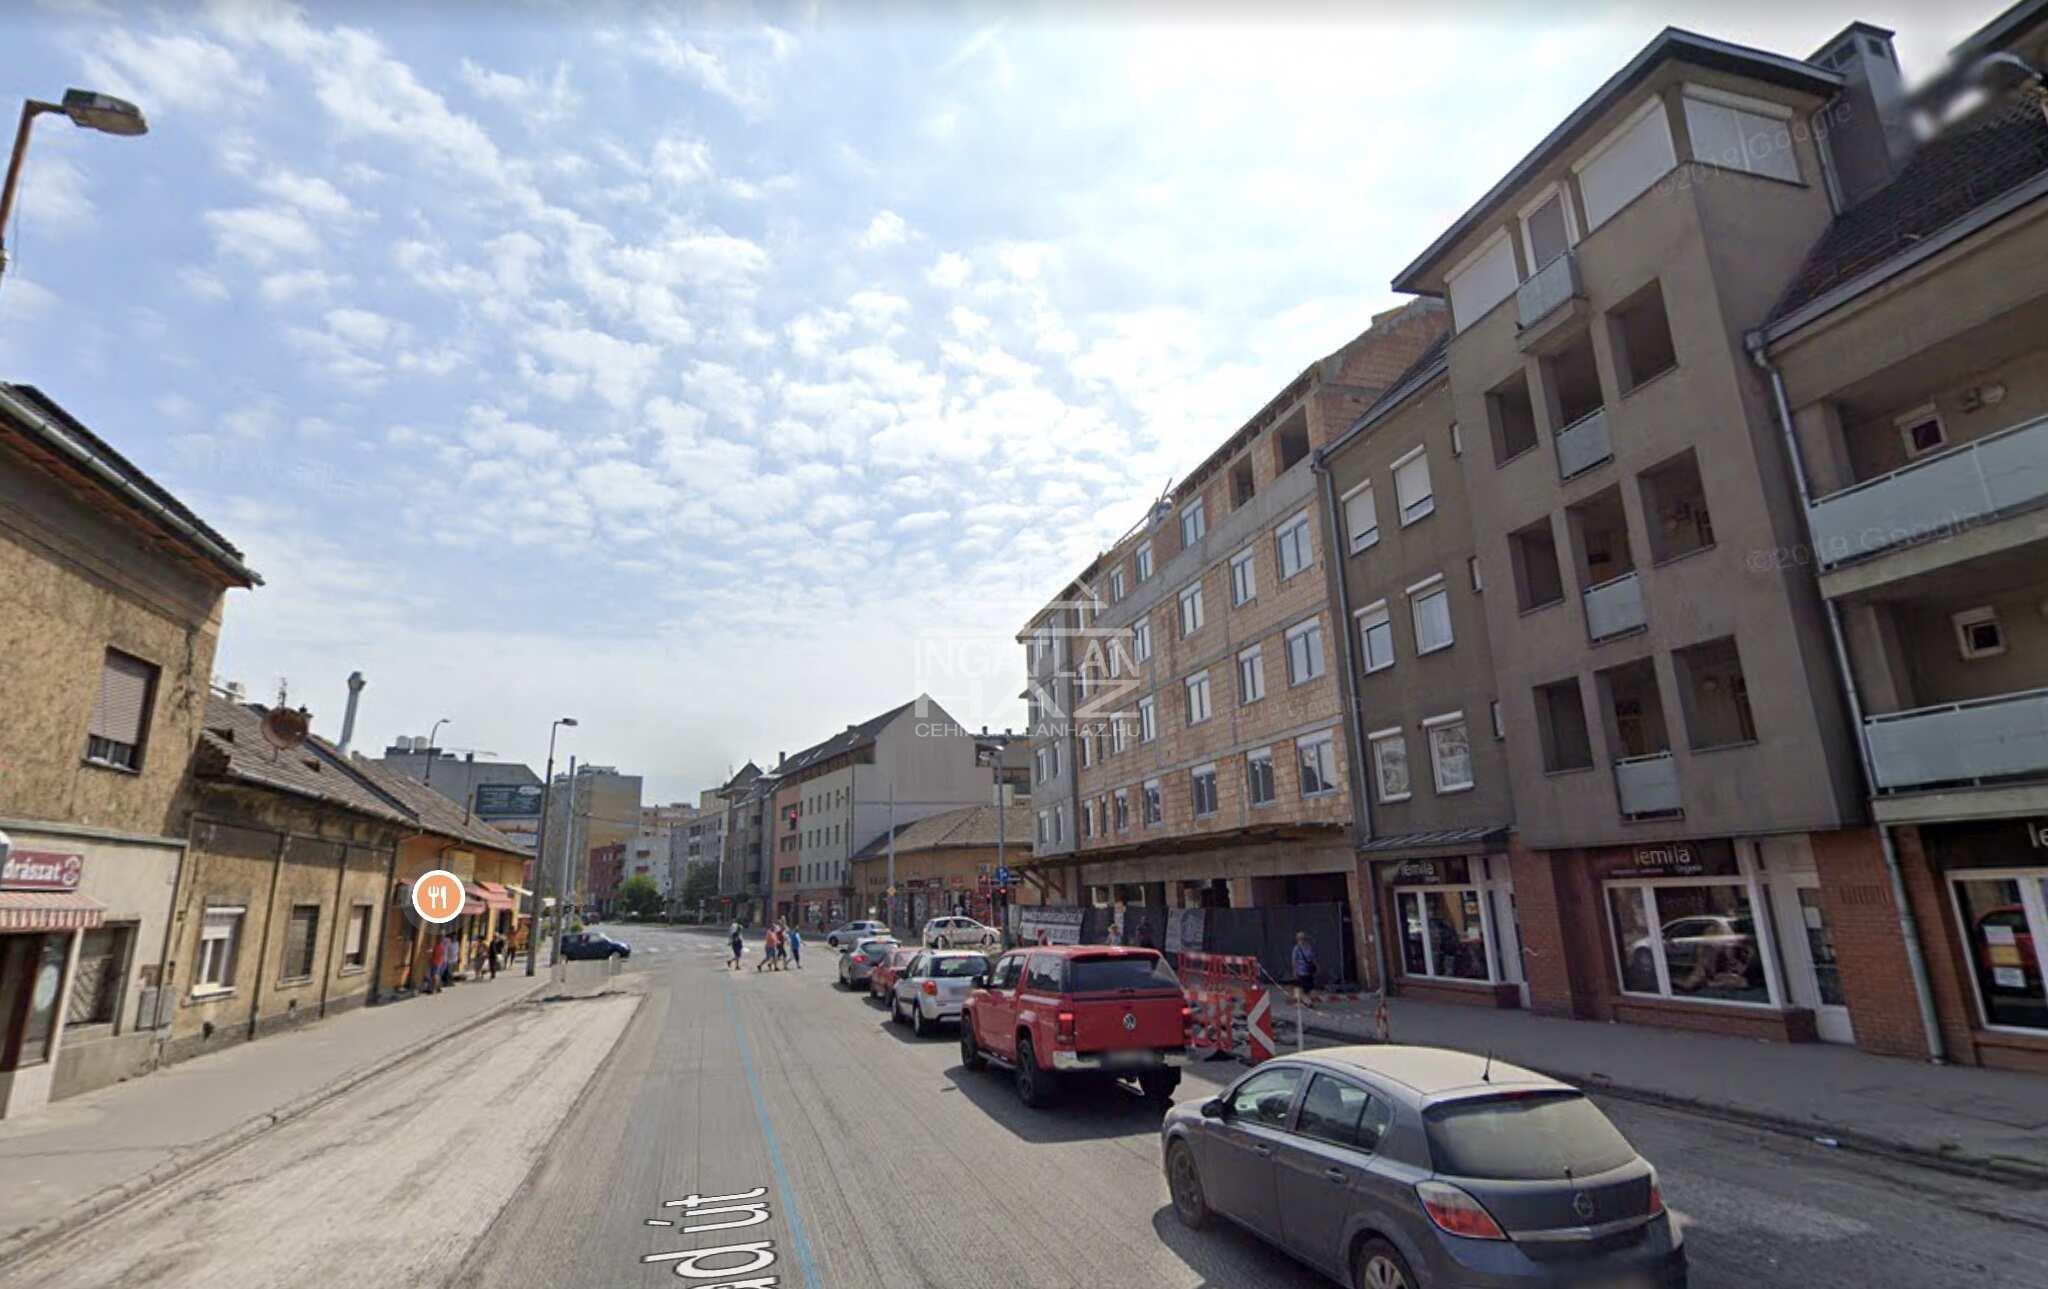 IV.kerület,Erzsébet u. Újpest központhoz közel, Árpád útnál, 600m2,Utcai , Kirakatos,önálló épület, Kiadò